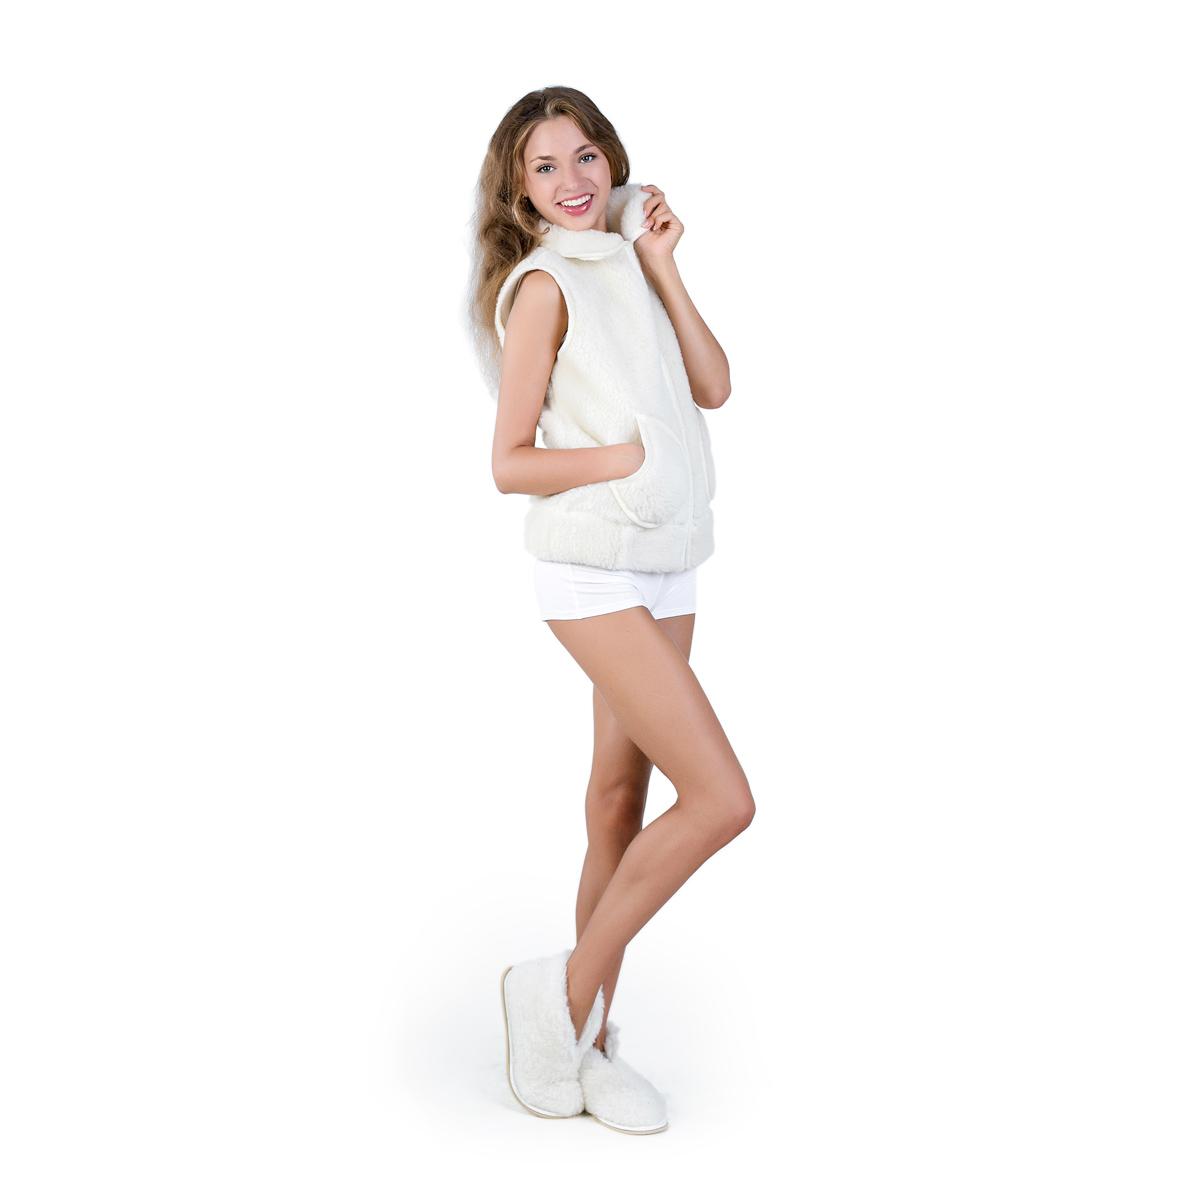 Жен. жилет Модный Абстракция р. 50Согревающий<br>Обхват груди: 100 см <br>Обхват талии: 82 см <br>Обхват бедер: 108 см <br>Длина по спинке: 60 см <br>Рост: 164-170 см<br><br>Тип: Жен. жилет<br>Размер: 50<br>Материал: Овечья шерсть